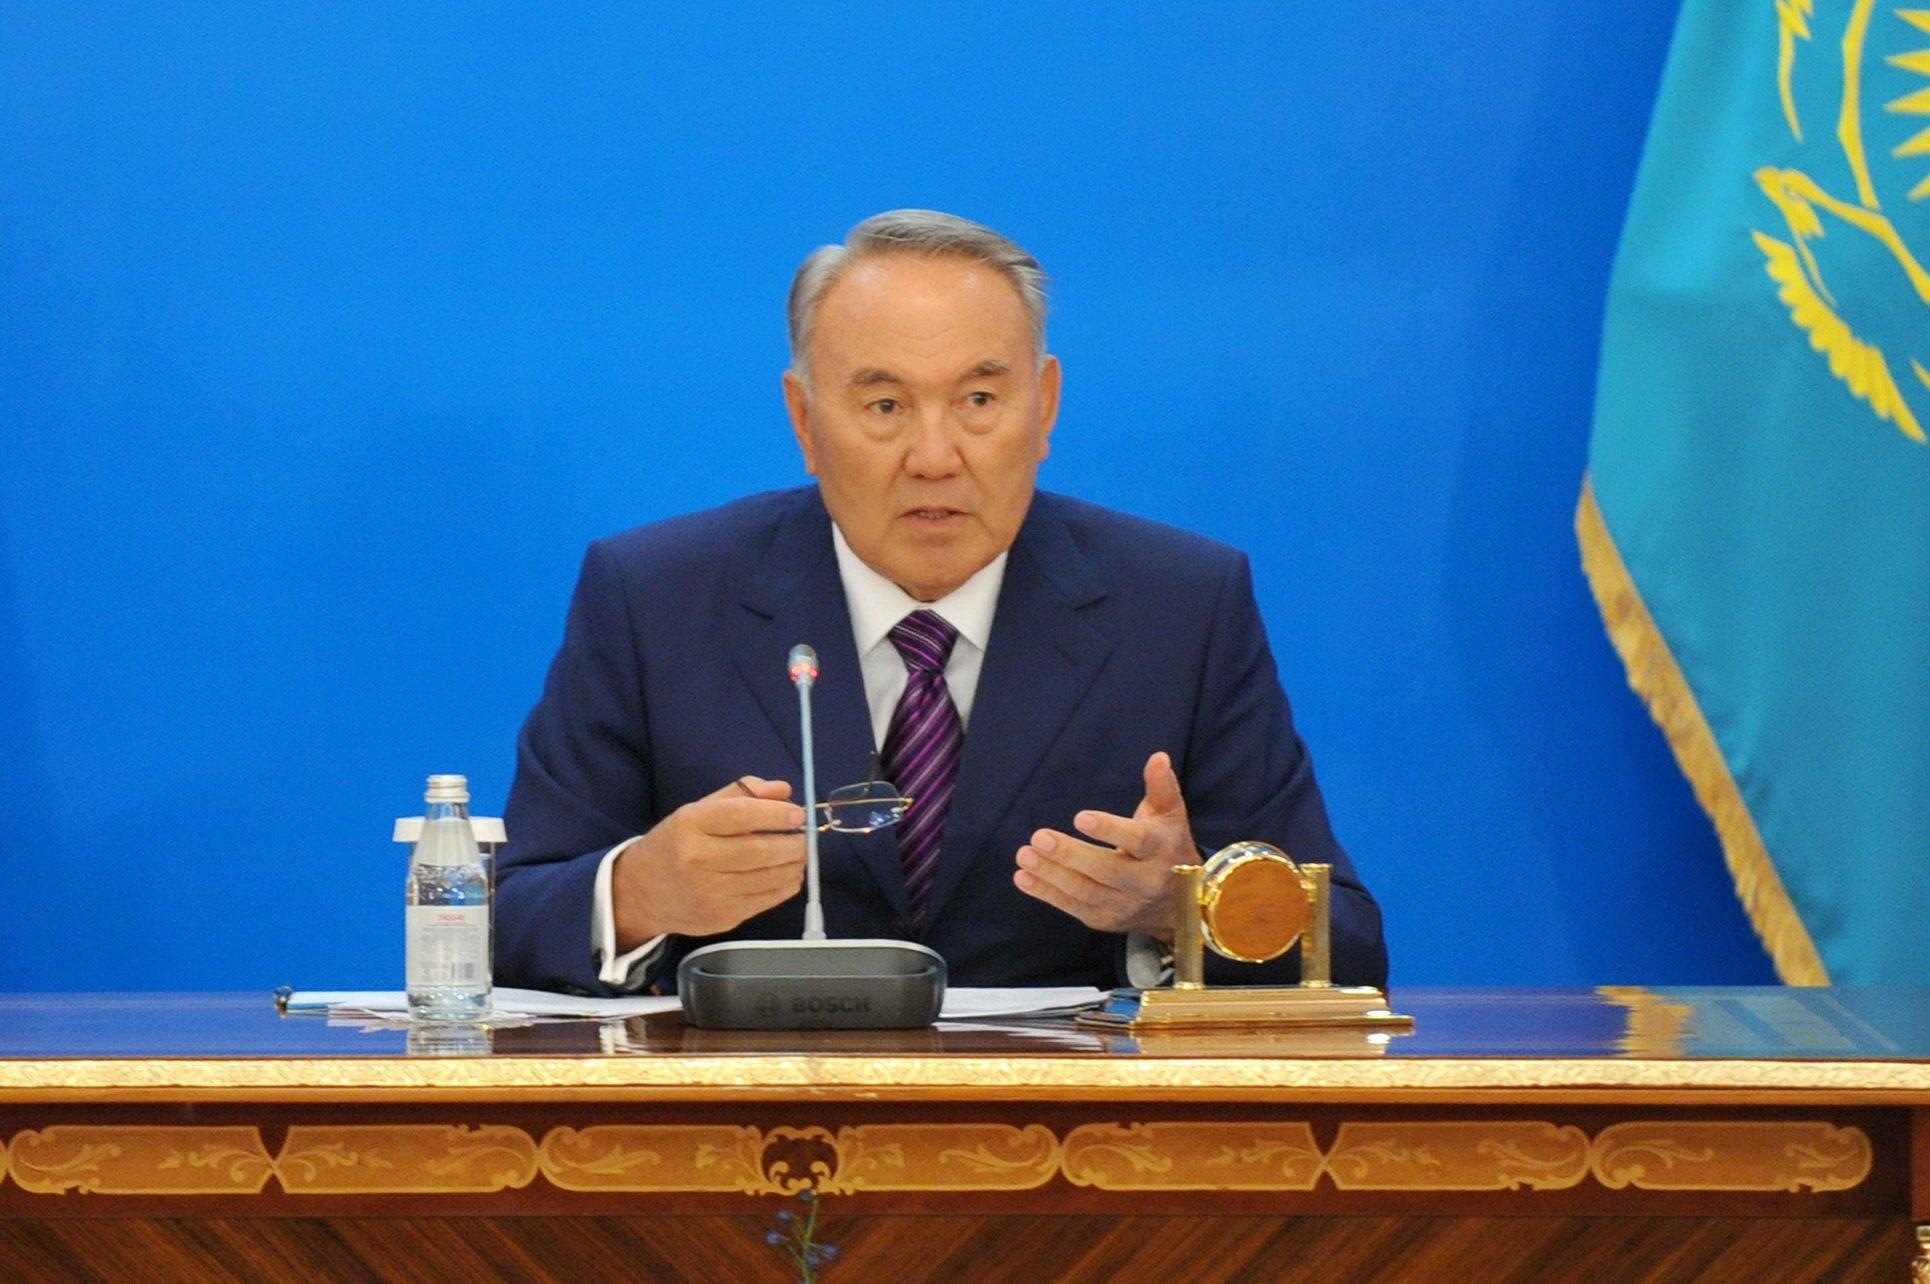 Нурсултан Назарбаев, украина ,казахстан ,политика, общество, донбасс